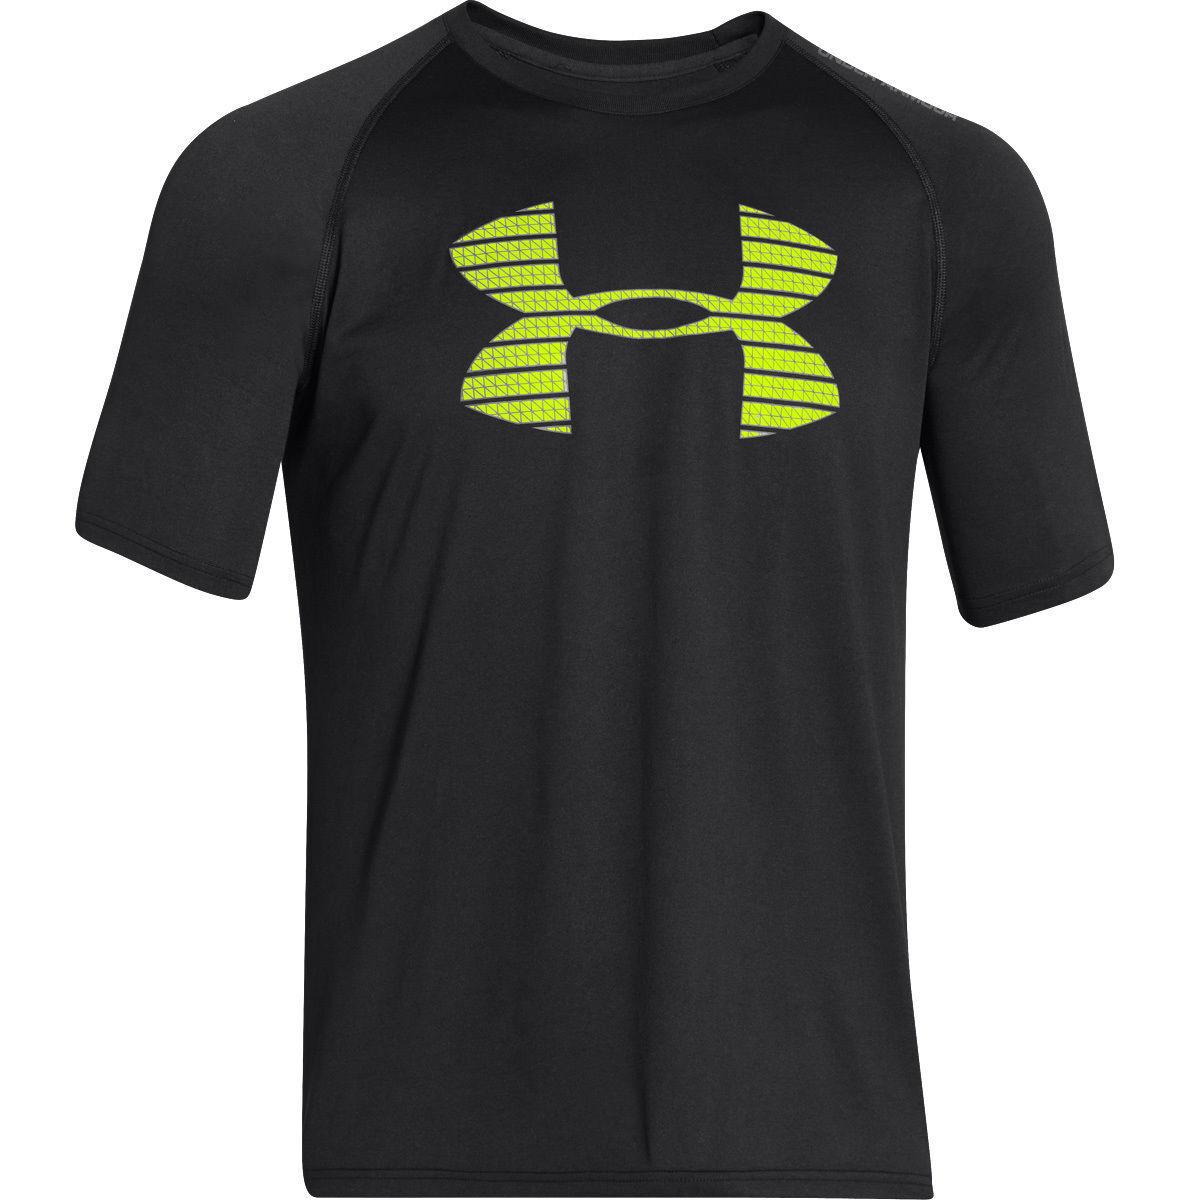 Under Armour Herren Challenger Iii Training Top atmungsaktives T-Shirt f/ür Herren Funktionsshirt mit Anti-Geruchs-Technologie